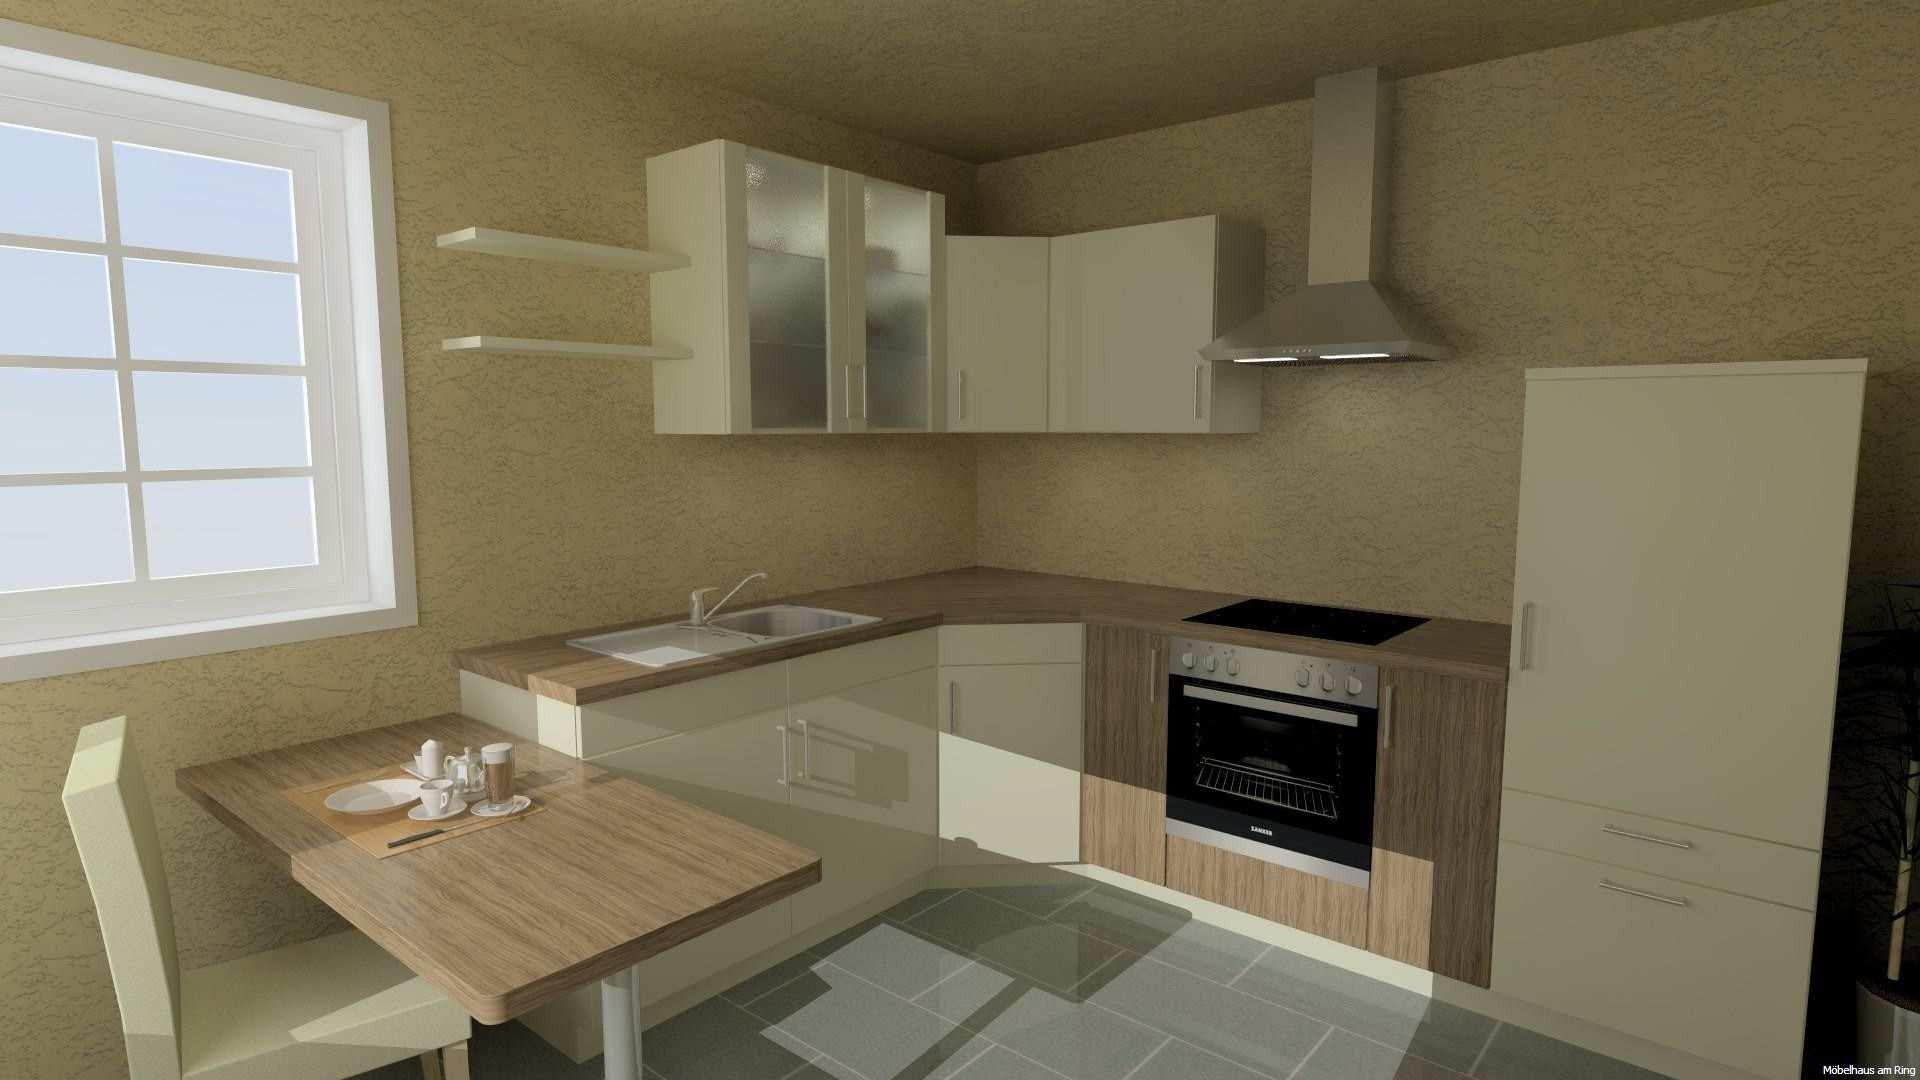 Full Size of Luxus Ikea Kche Einbauen Lassen Ostseesuche Kosten Beistellregal Bad Abverkauf Inselküche Küche Inselküche Abverkauf